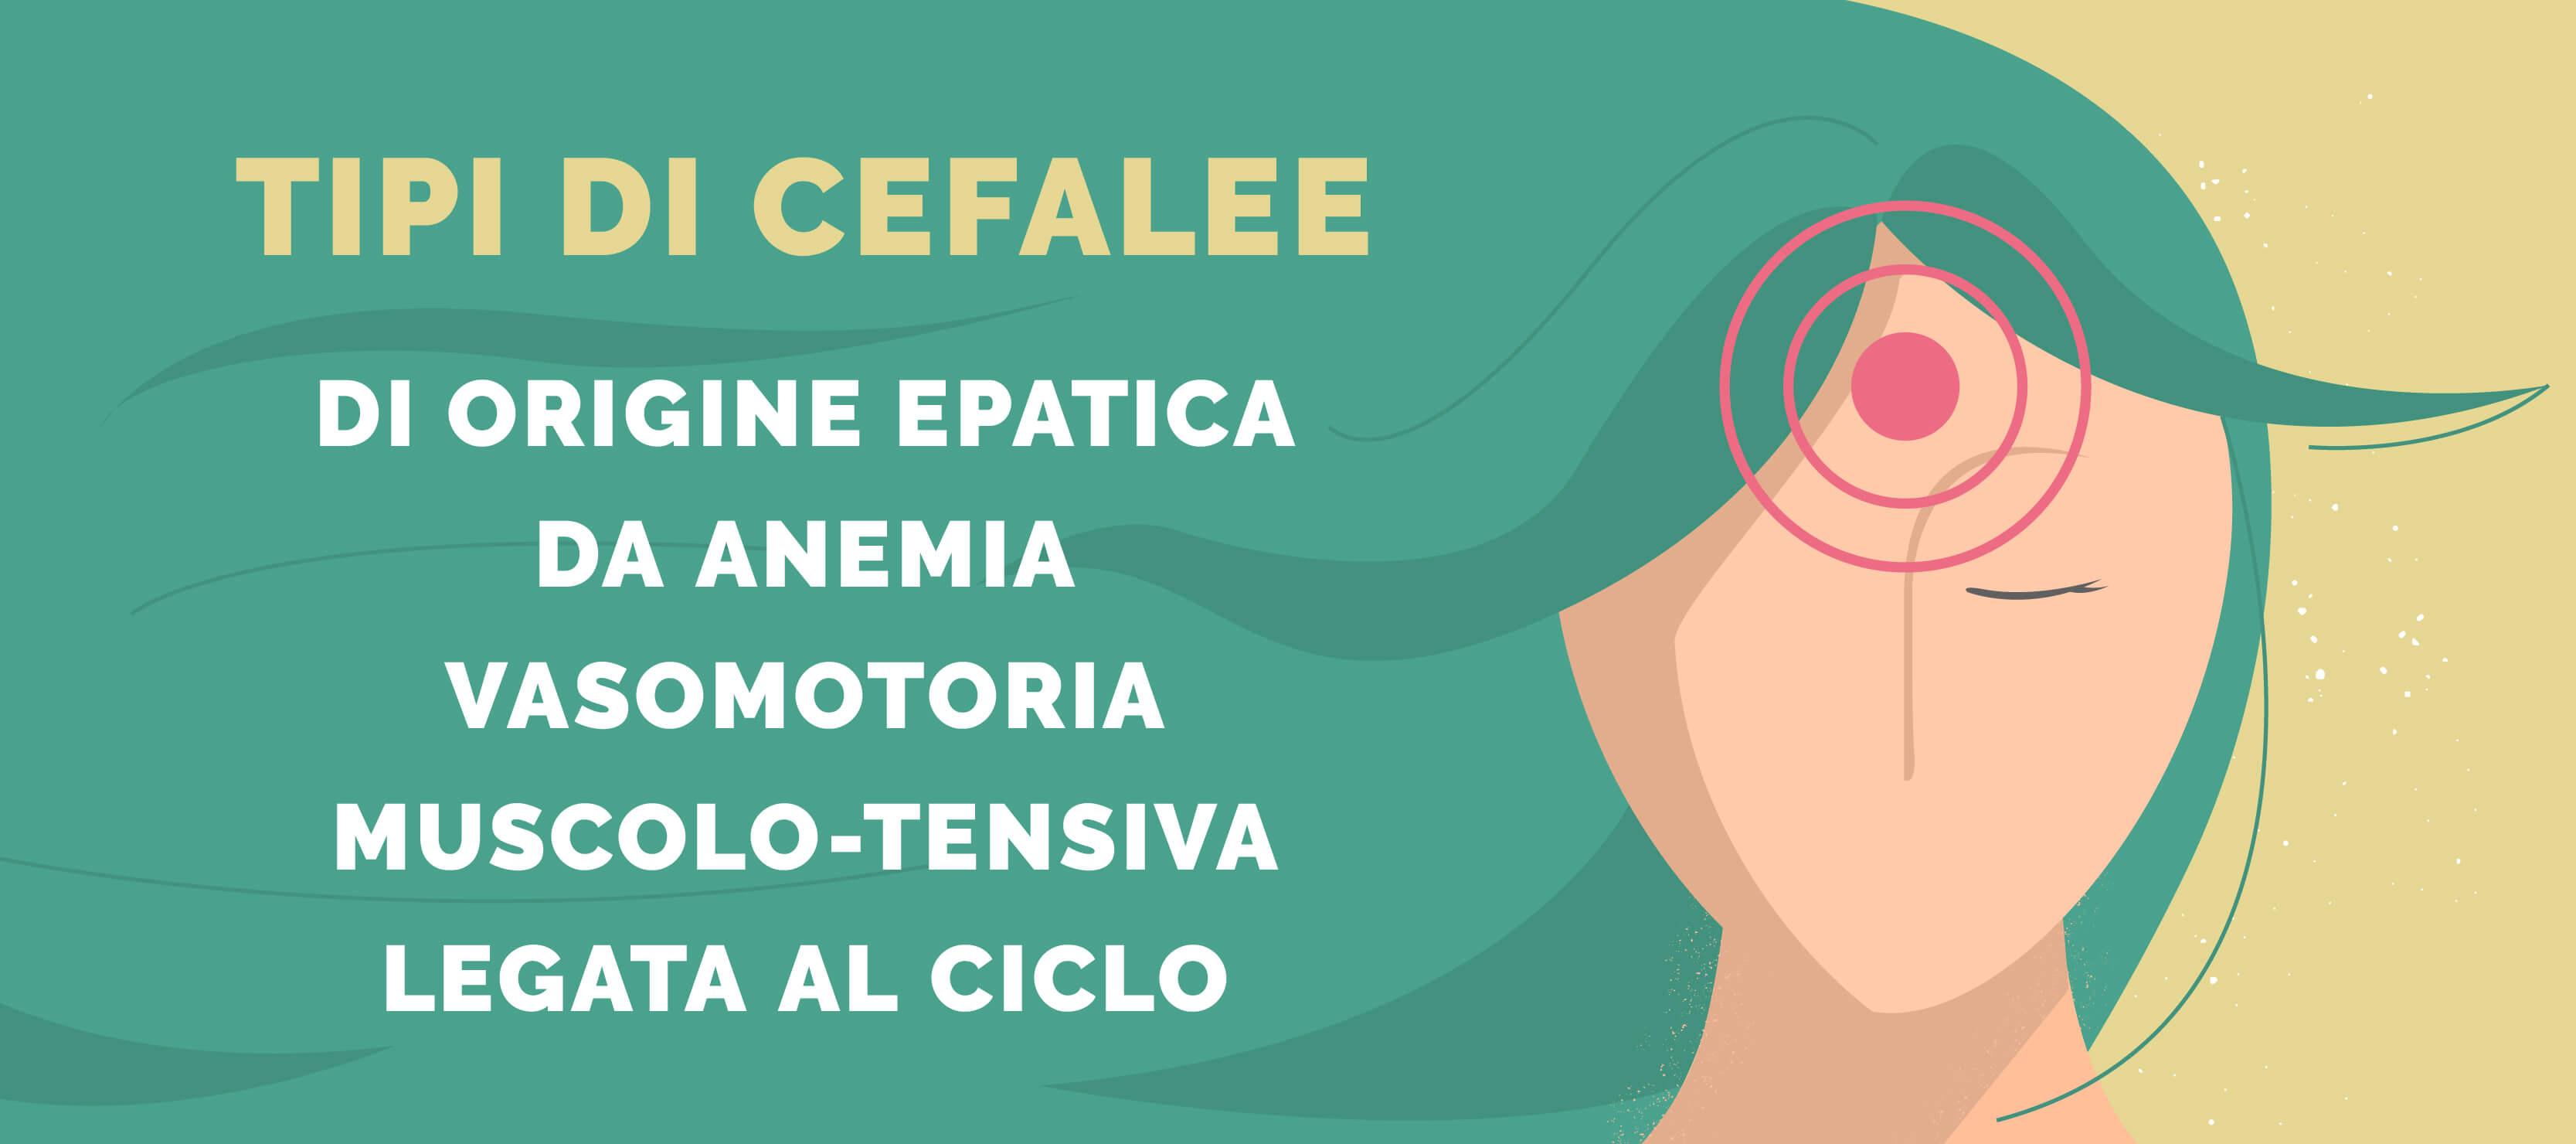 Quali sono i tipi di cefalee e come prevenirle con l'alimentazione